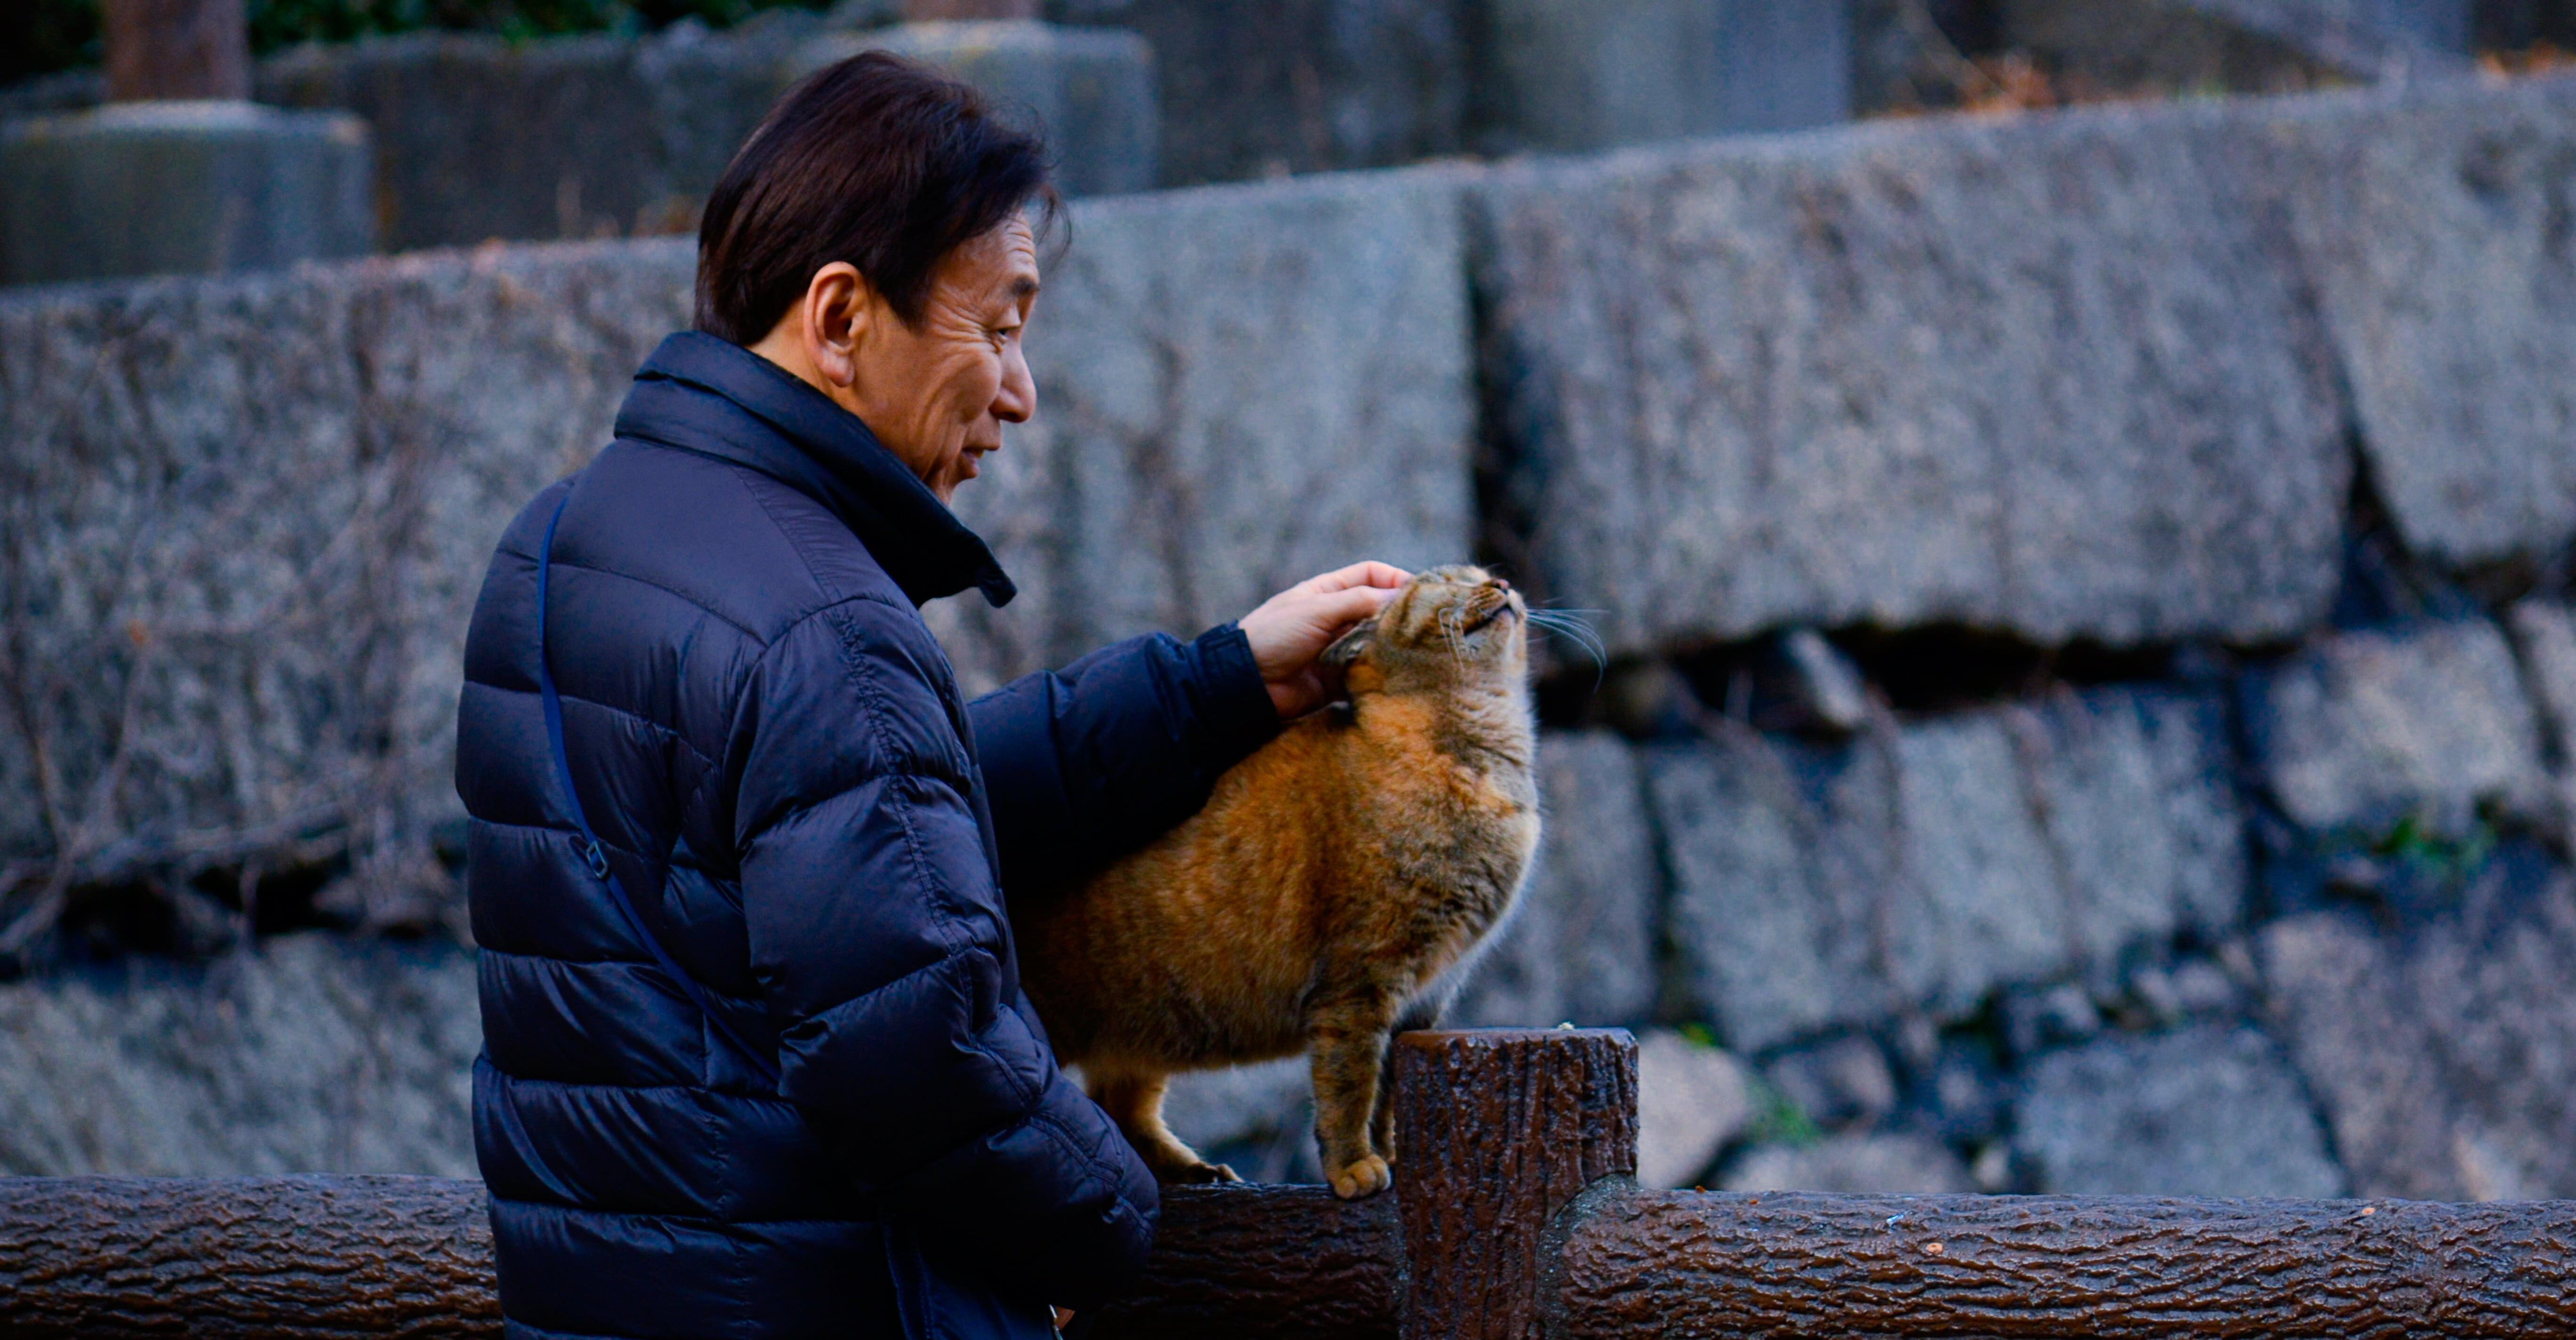 В Японии будет создана социальная сеть для пожилых людей